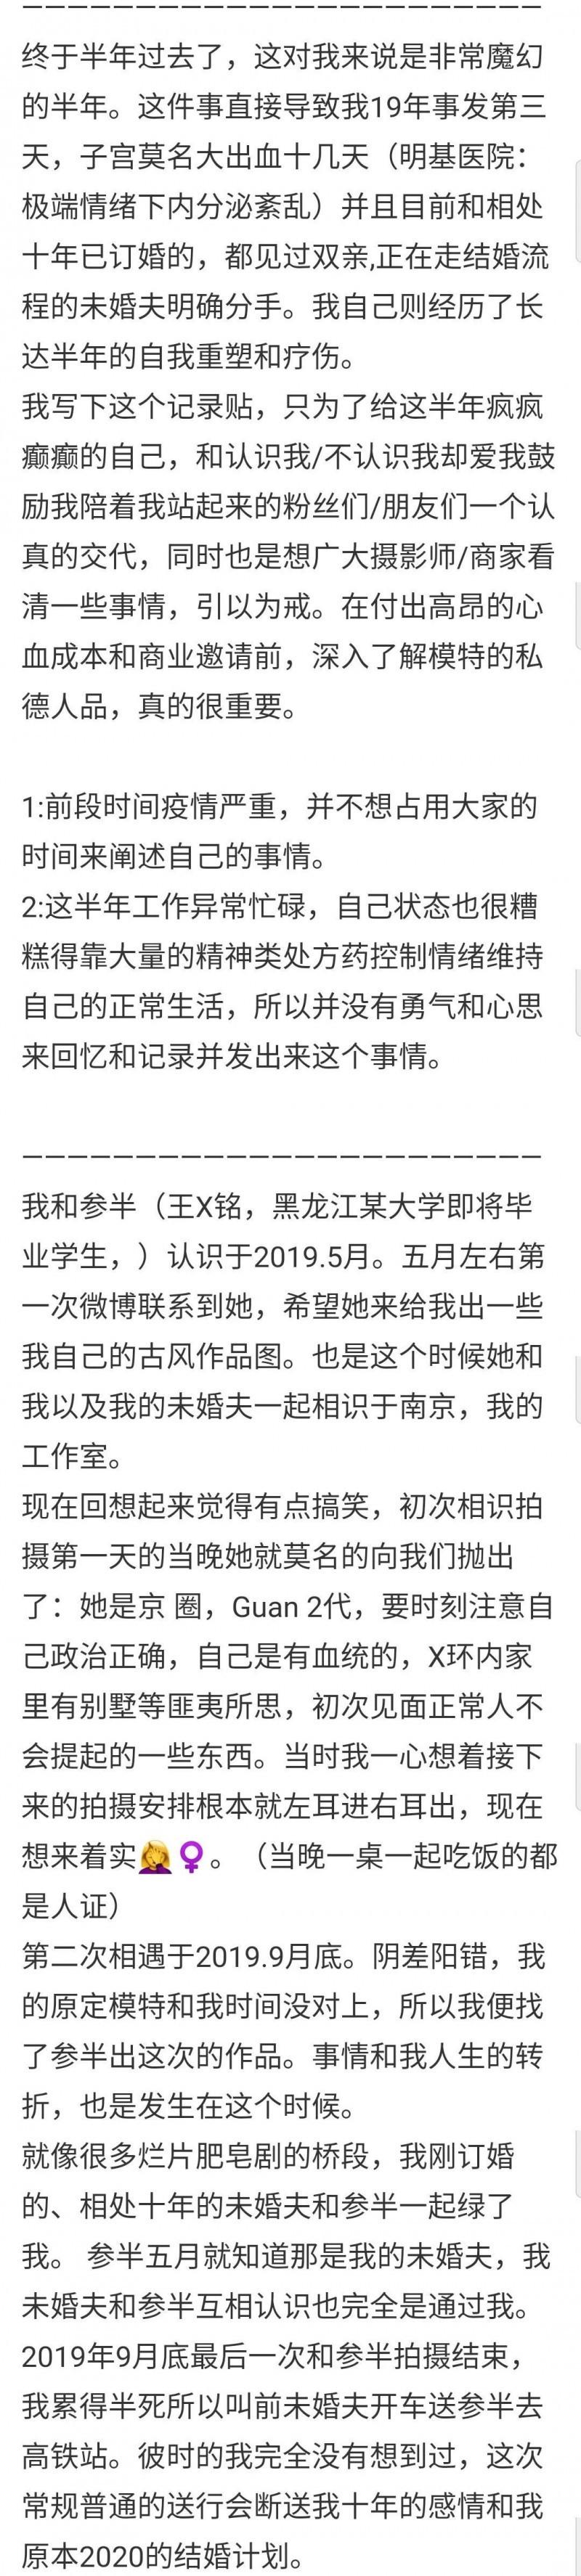 【蜗牛扑克】南京女摄影撕逼肉欲清纯女网红 参半miao 事件